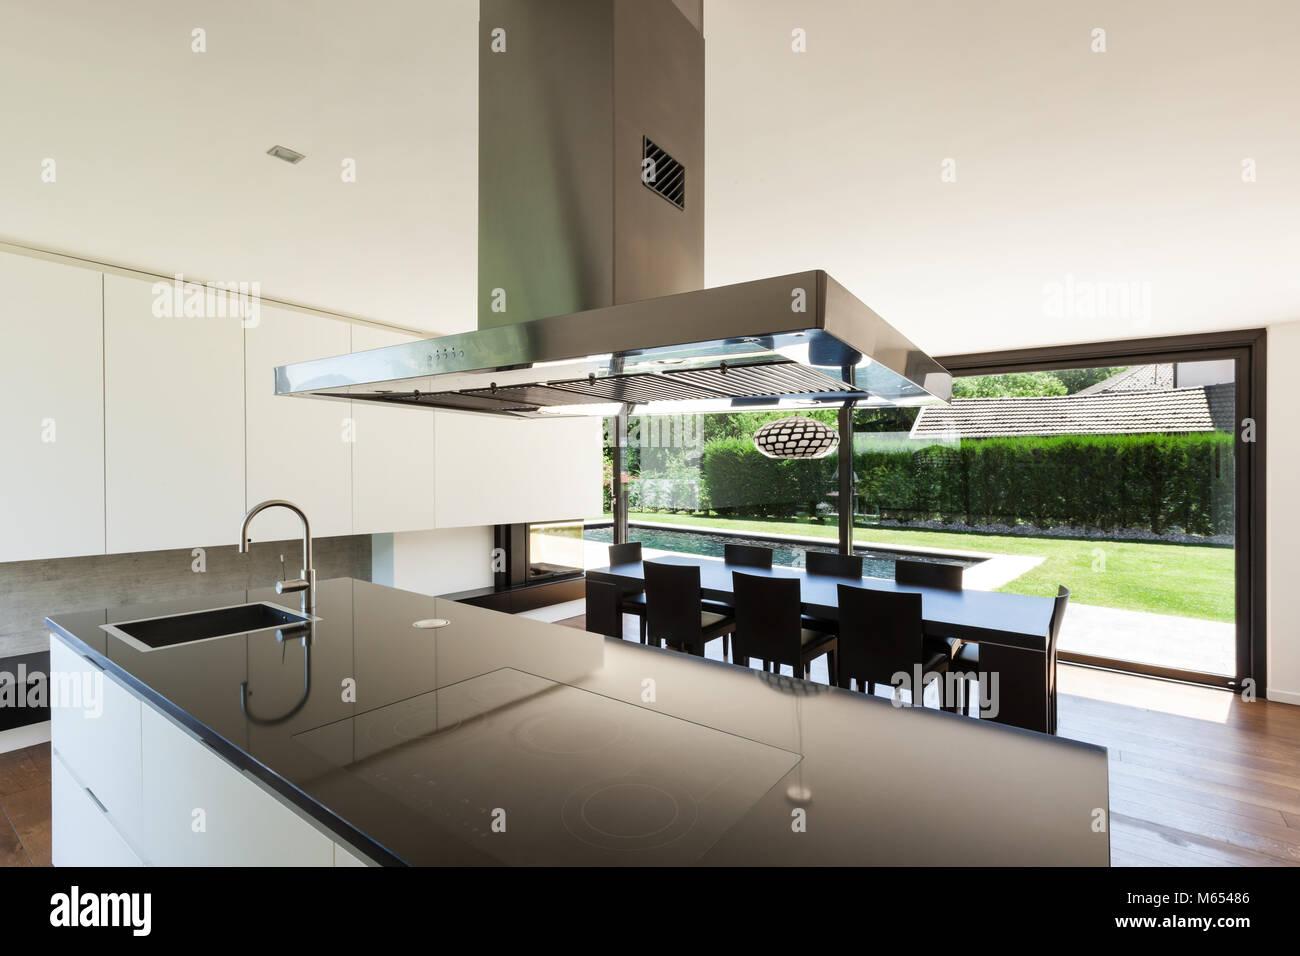 Moderne Villa, Interieur, schöne Küche Stockfoto, Bild ...